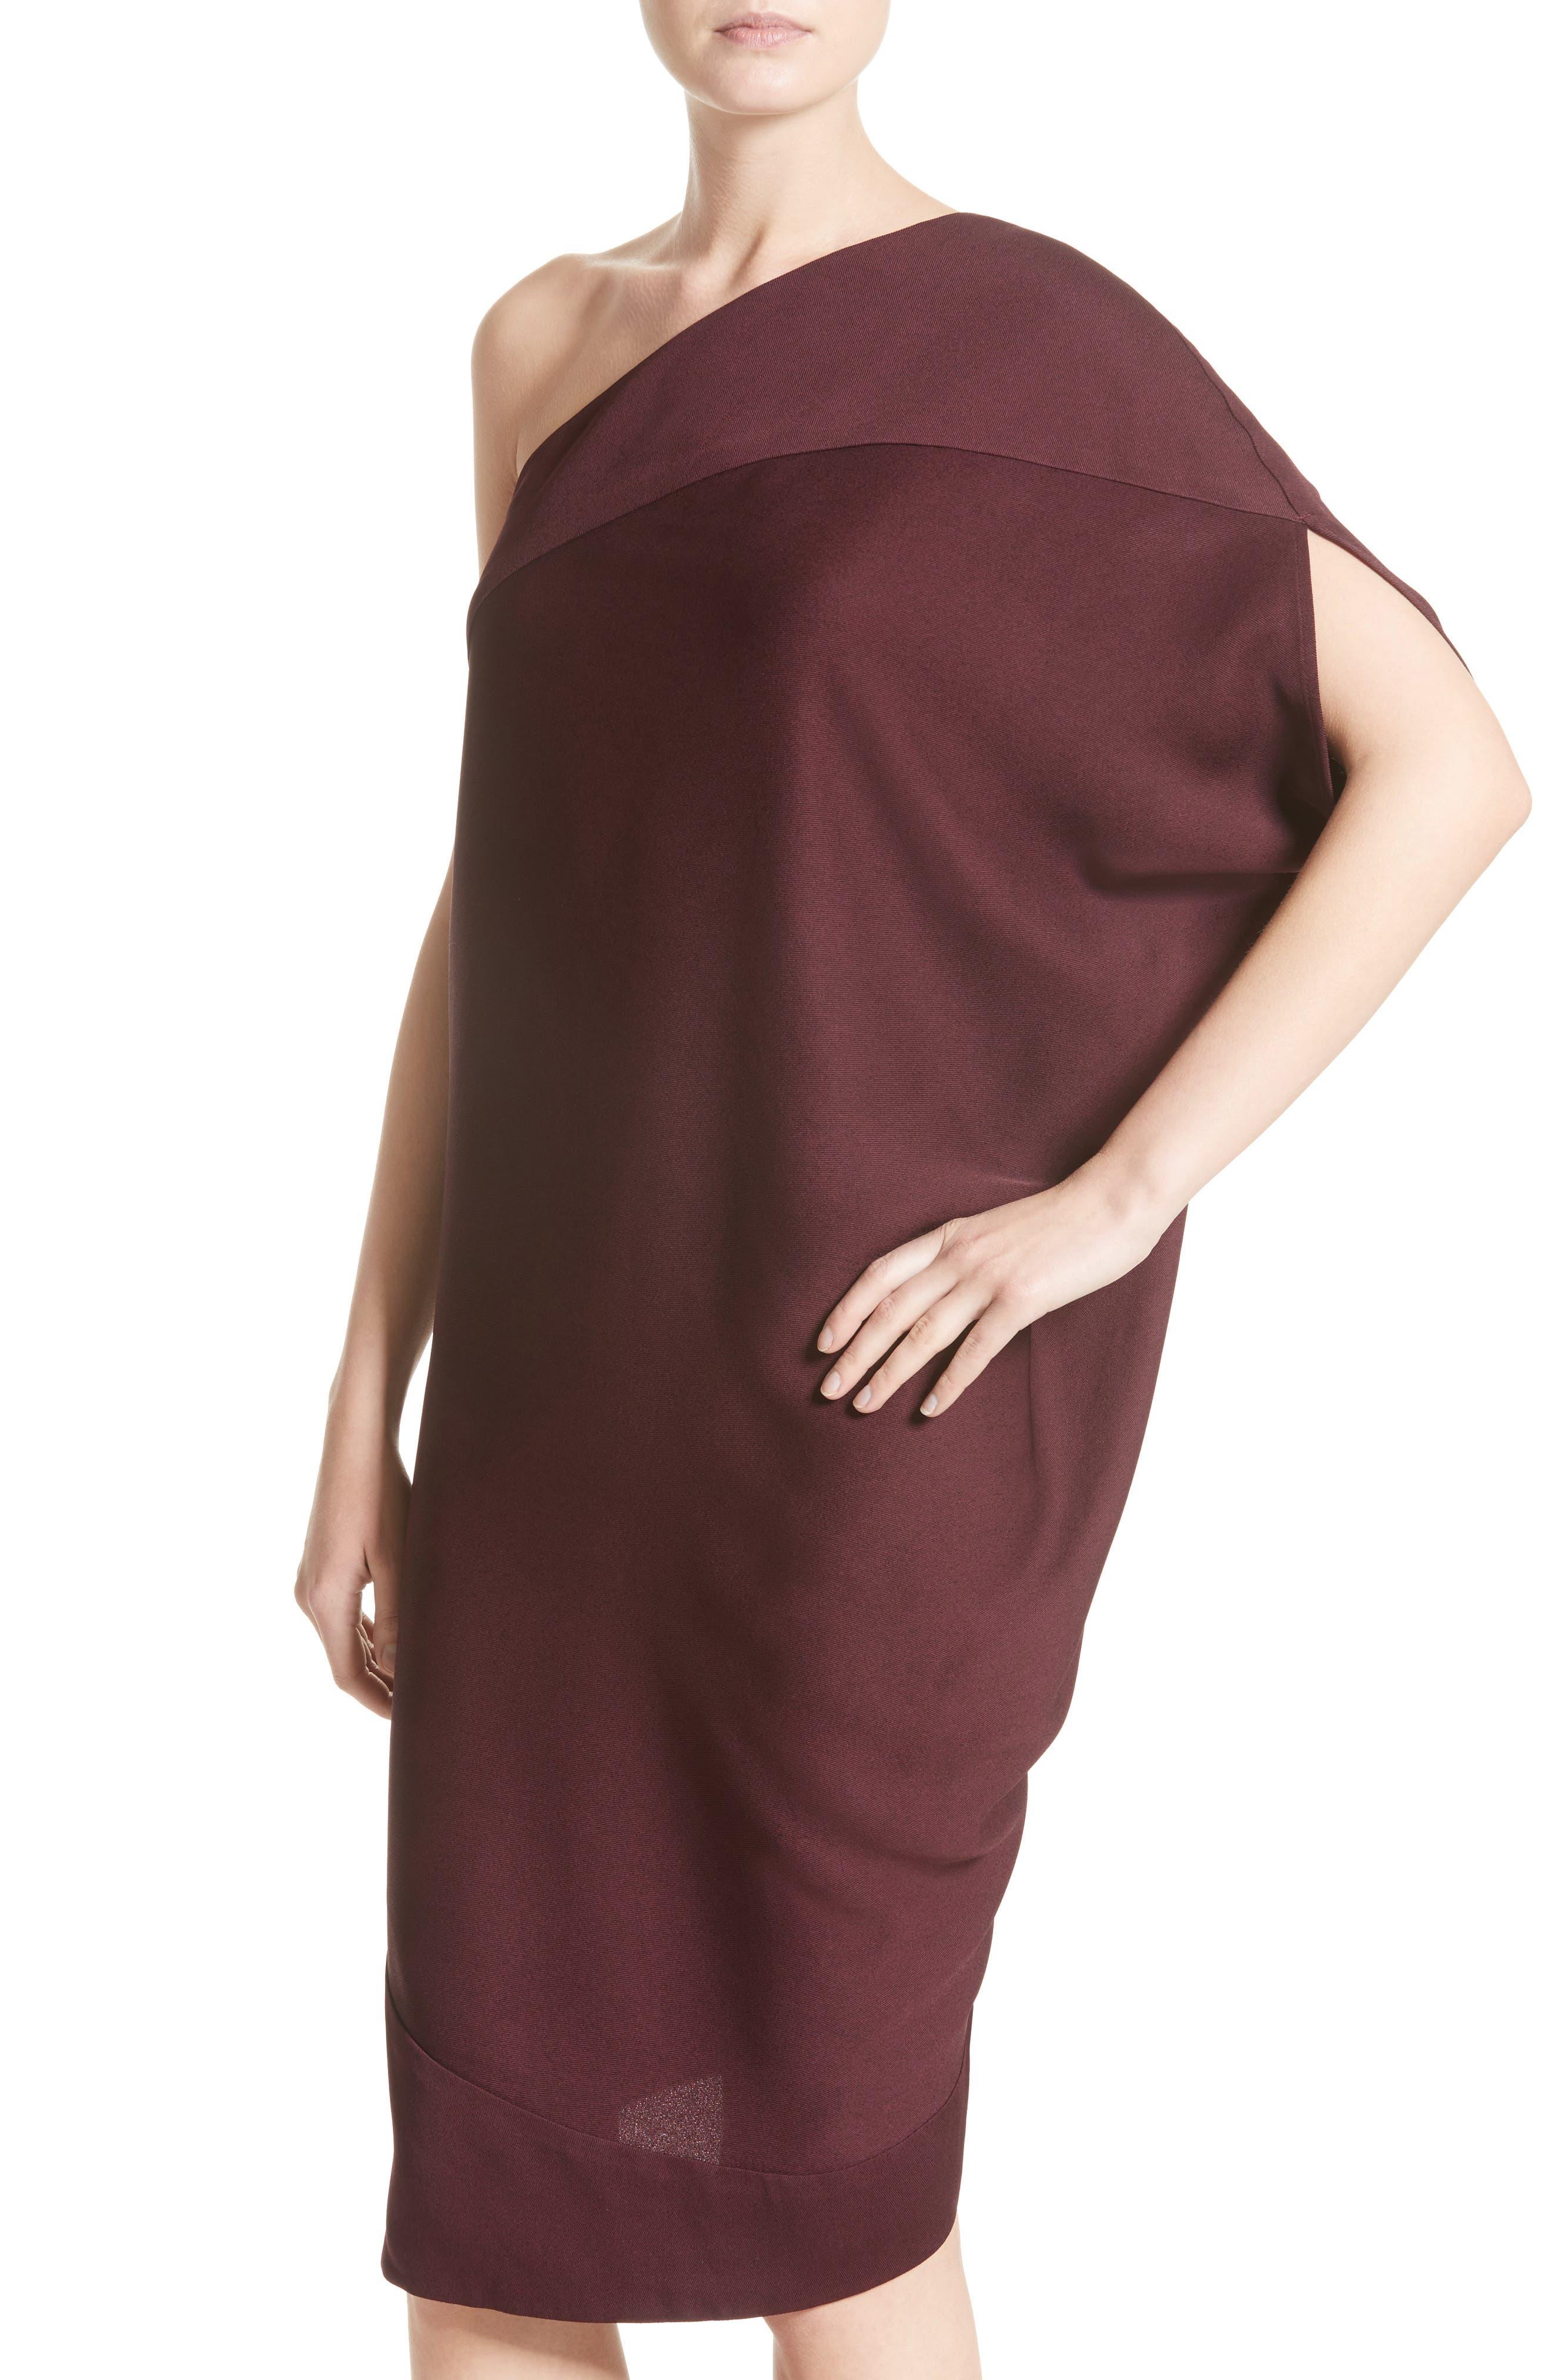 Lui Eco Drape One-Shoulder Dress,                             Alternate thumbnail 4, color,                             930